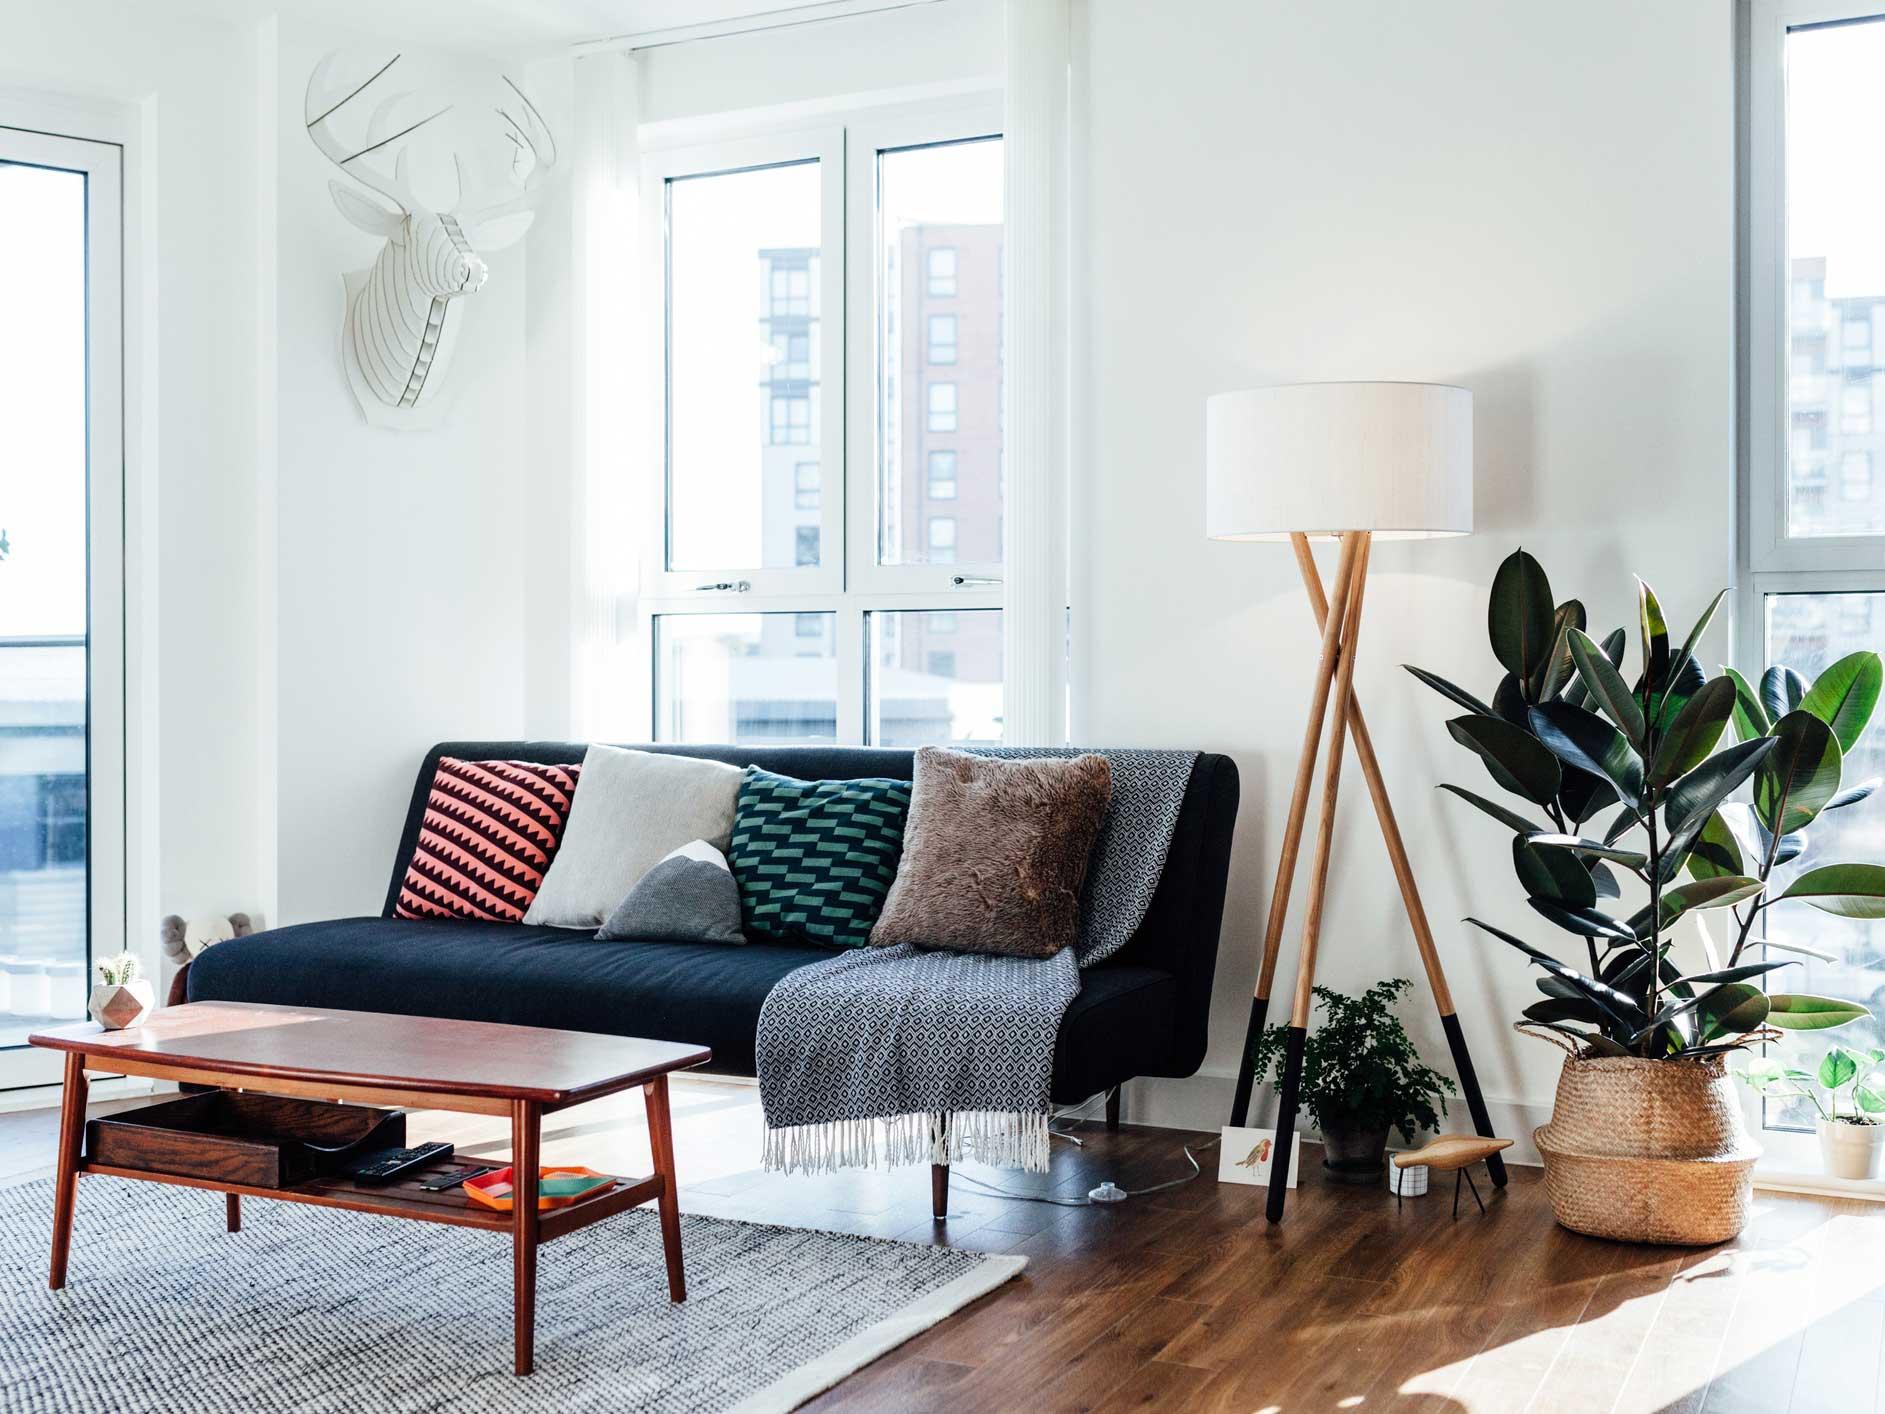 Fullsize Of Beautiful Living Room Interior Designs